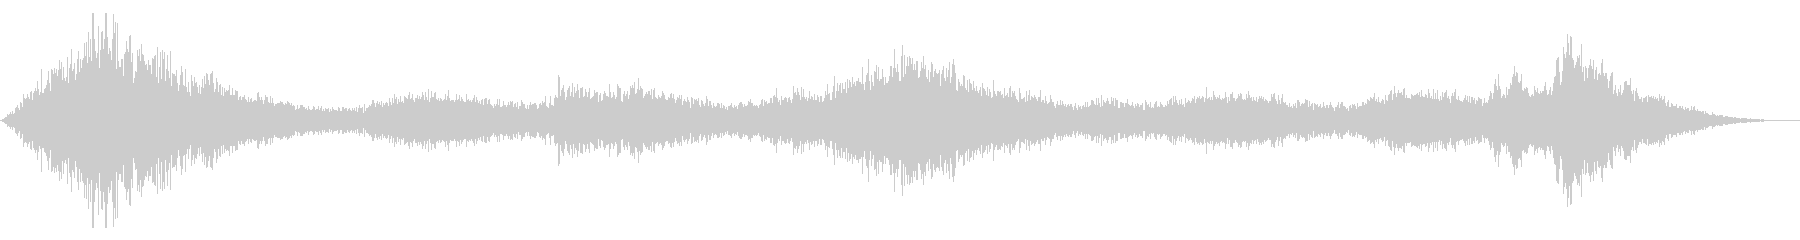 スペースドローン:ホロースワーリングバズの未再生の波形